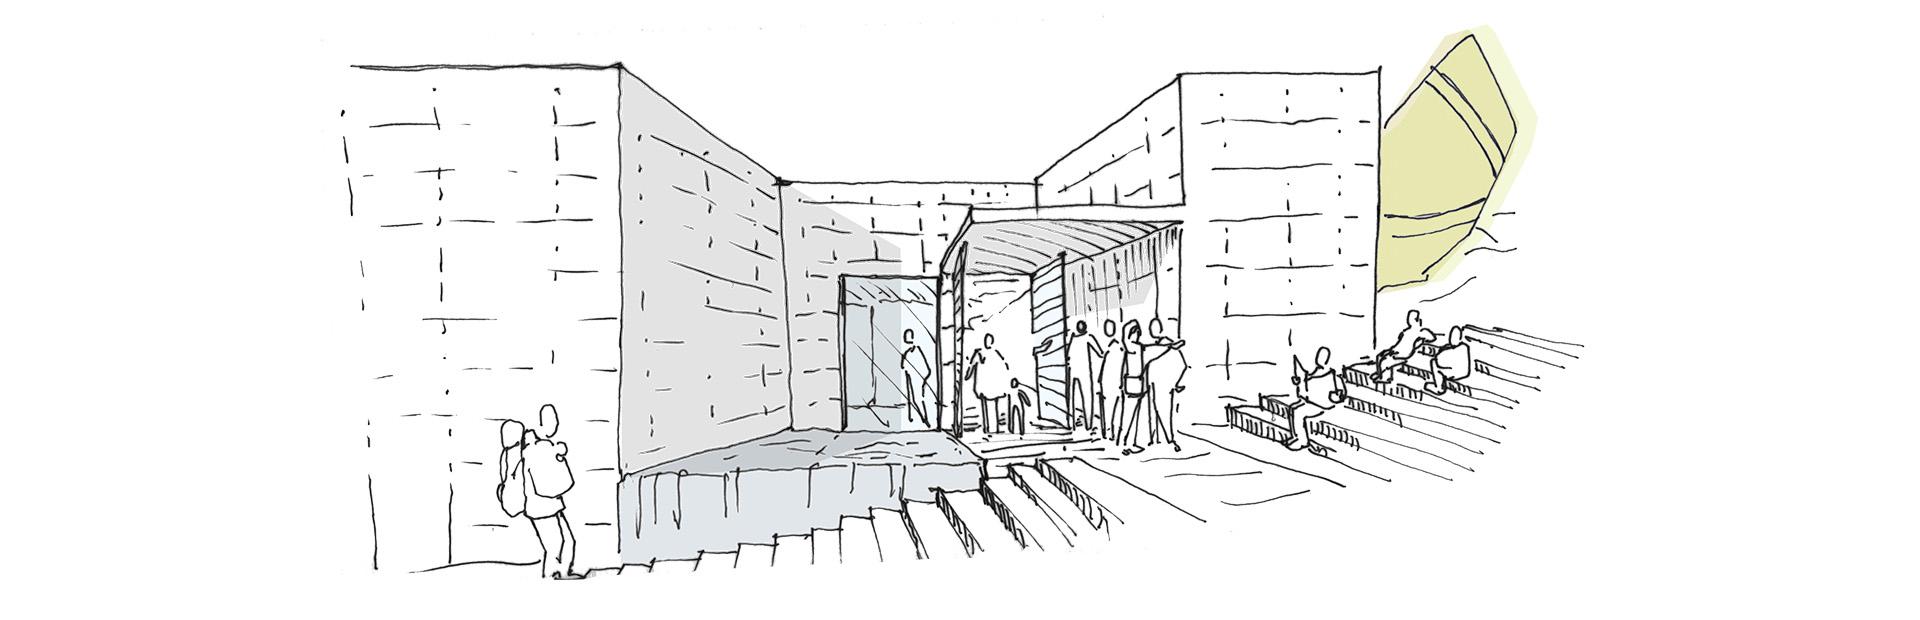 Bozzetto 2 progetto site museum